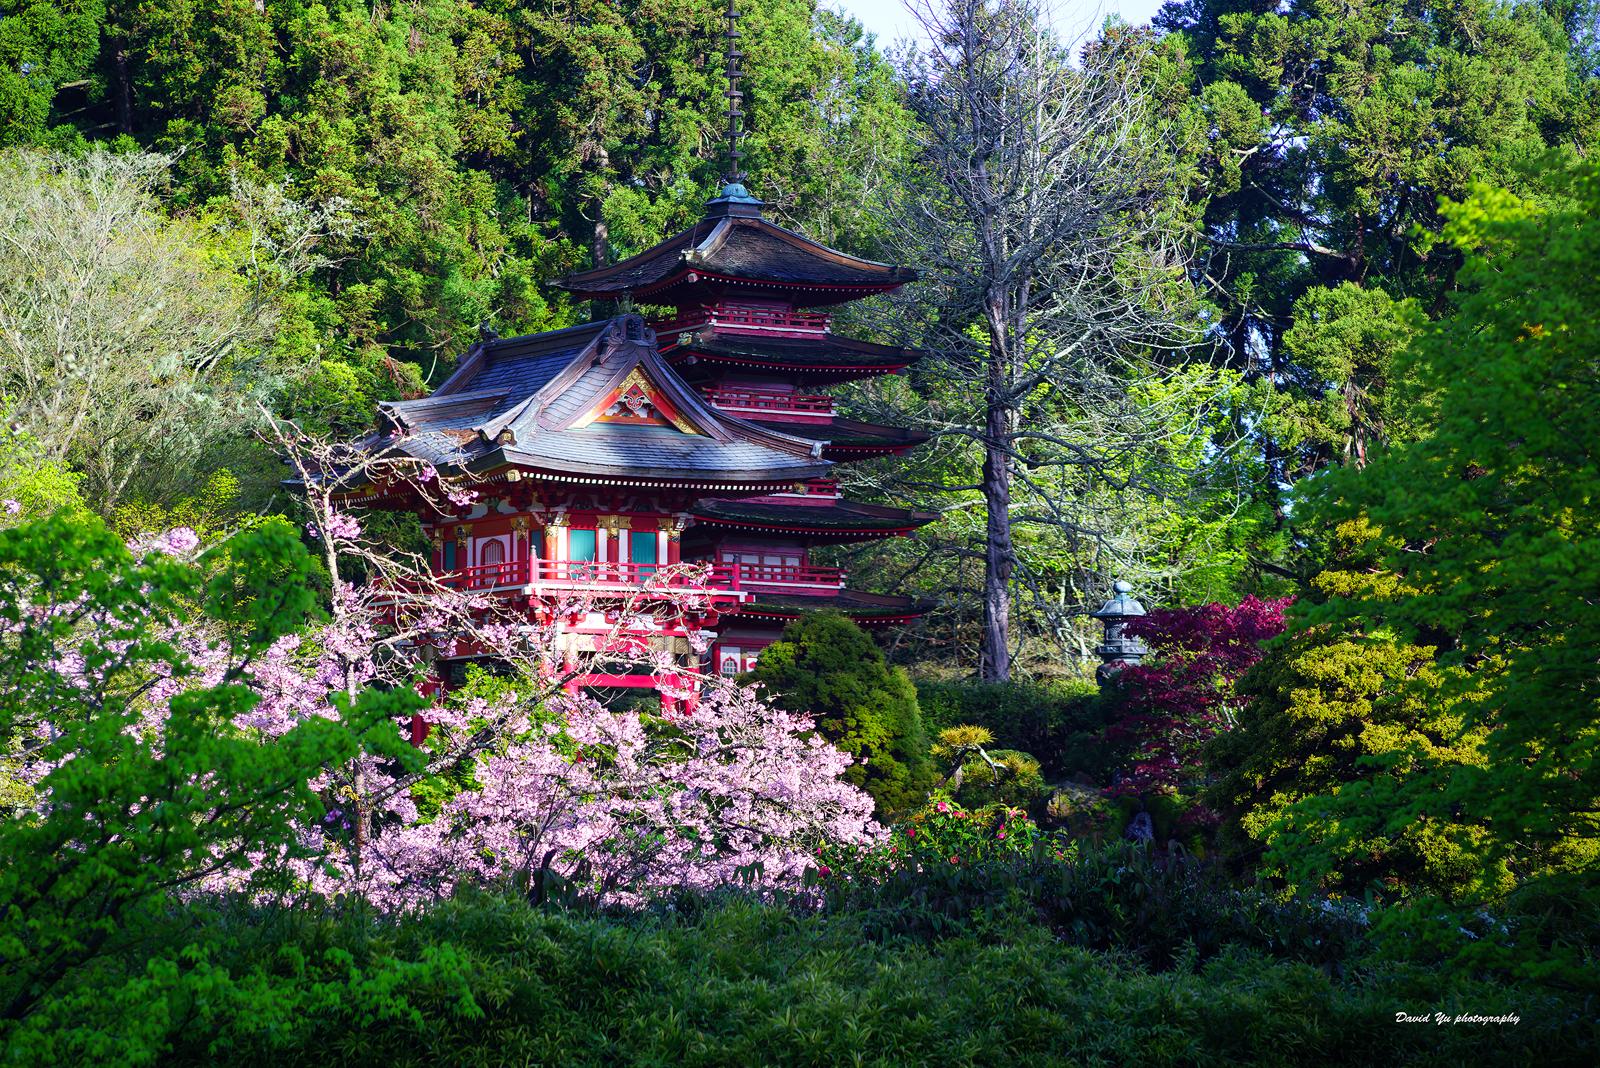 fond d 39 cran paysage la nature herbe maison parc national japonais th printemps. Black Bedroom Furniture Sets. Home Design Ideas